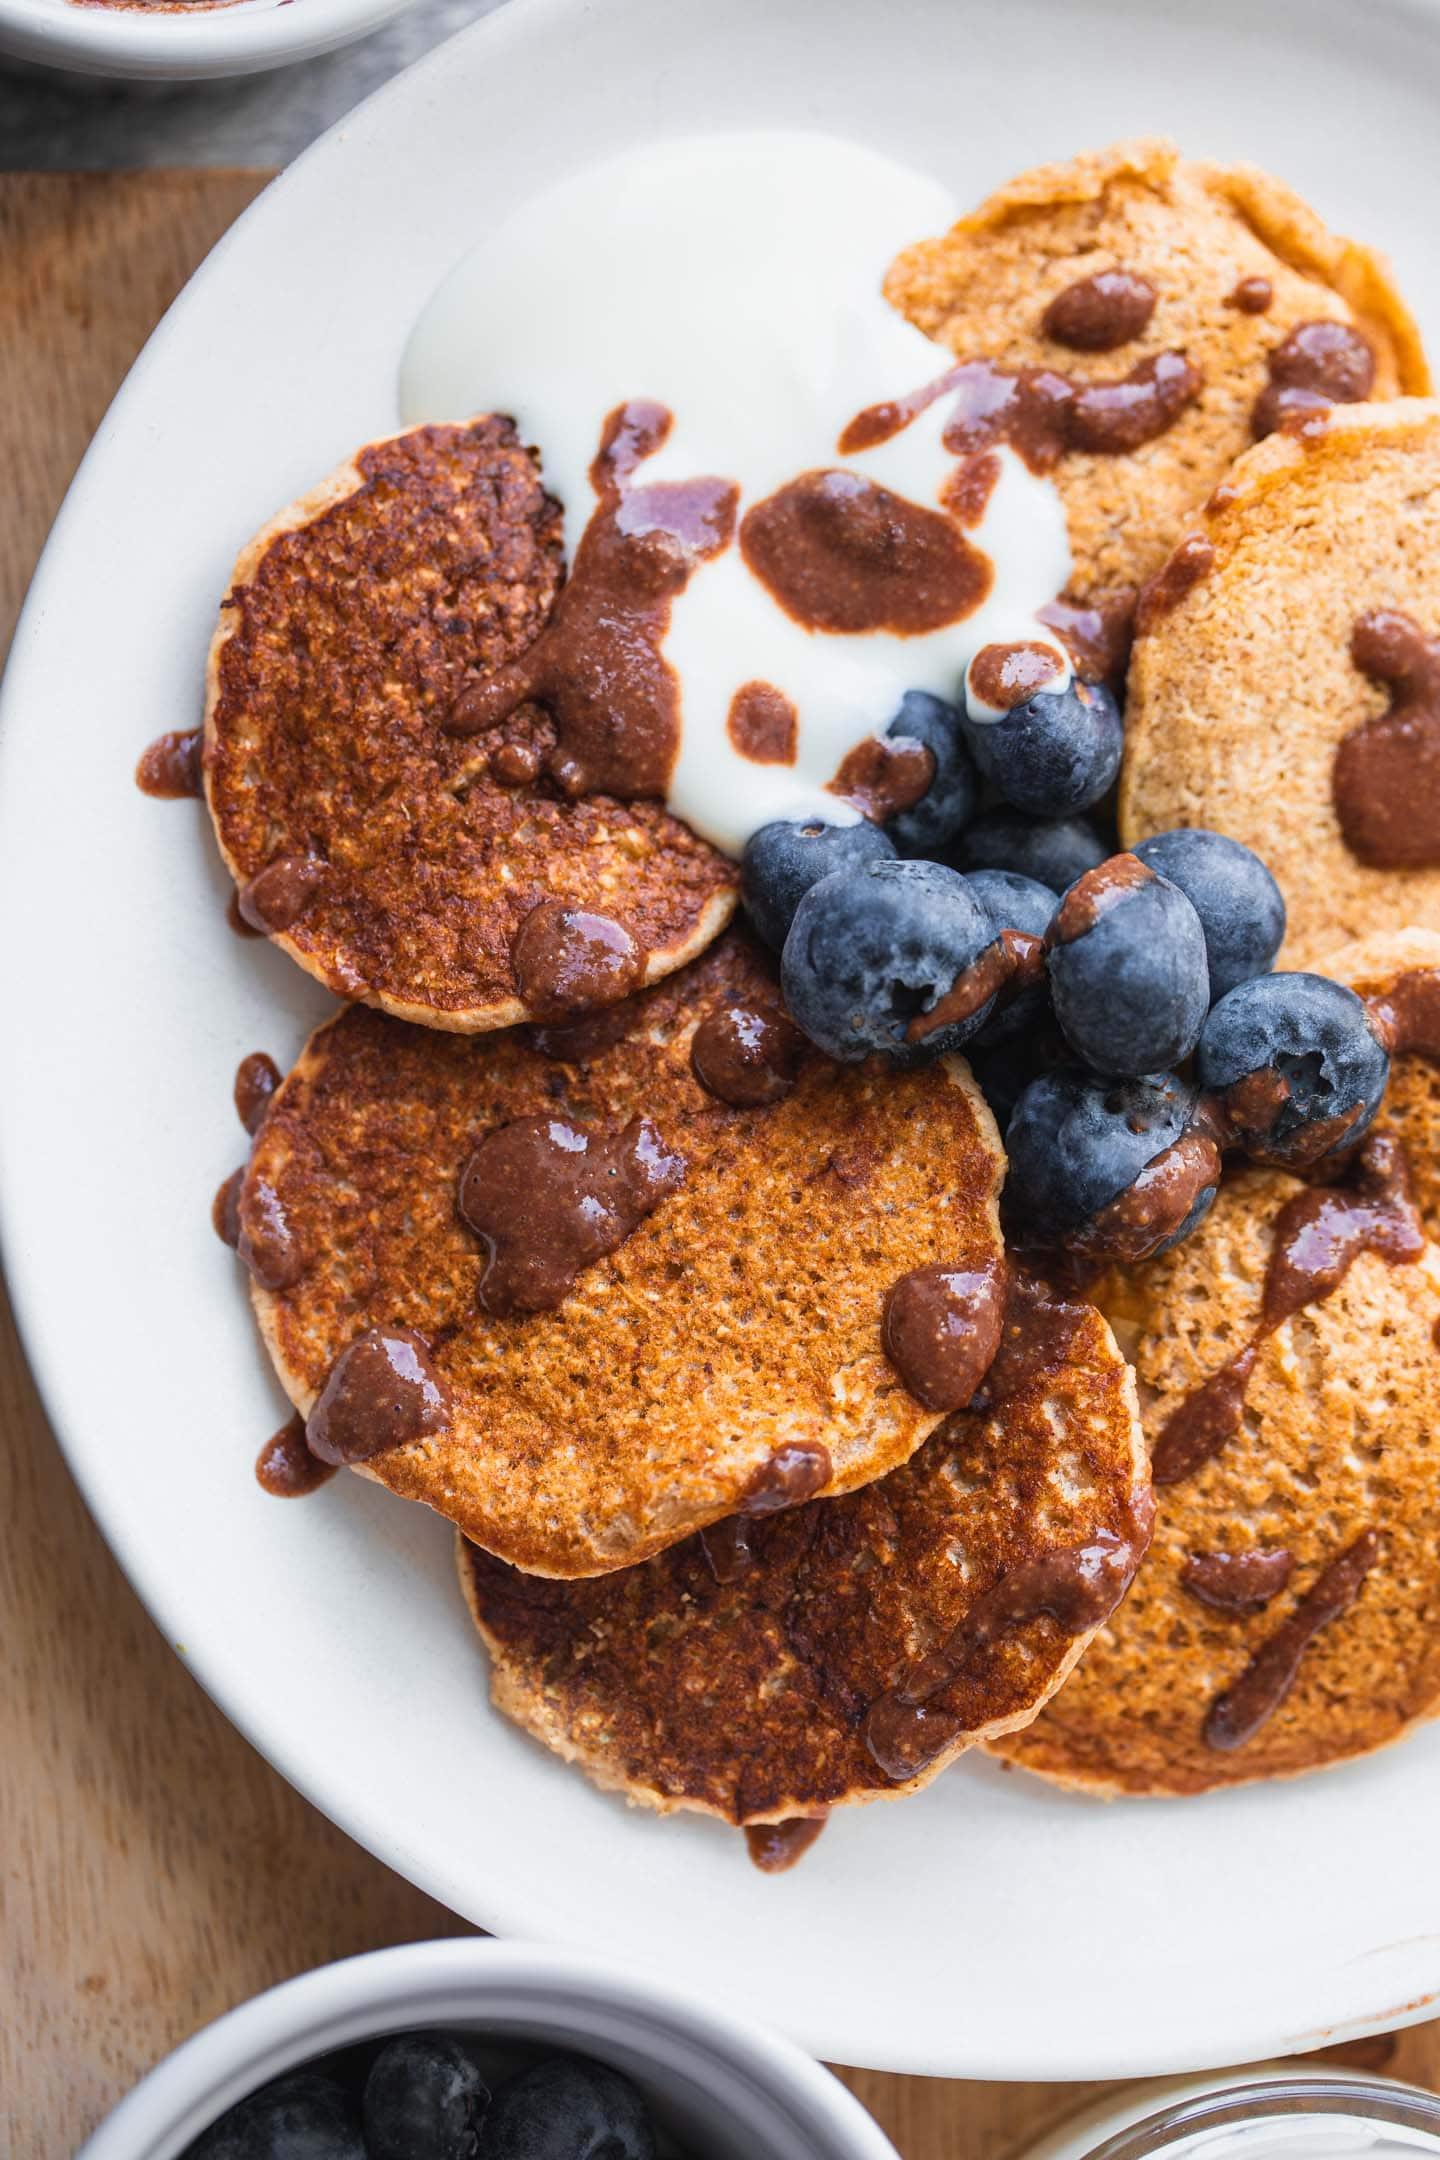 Closeup of vegan pancakes with chocolate sauce